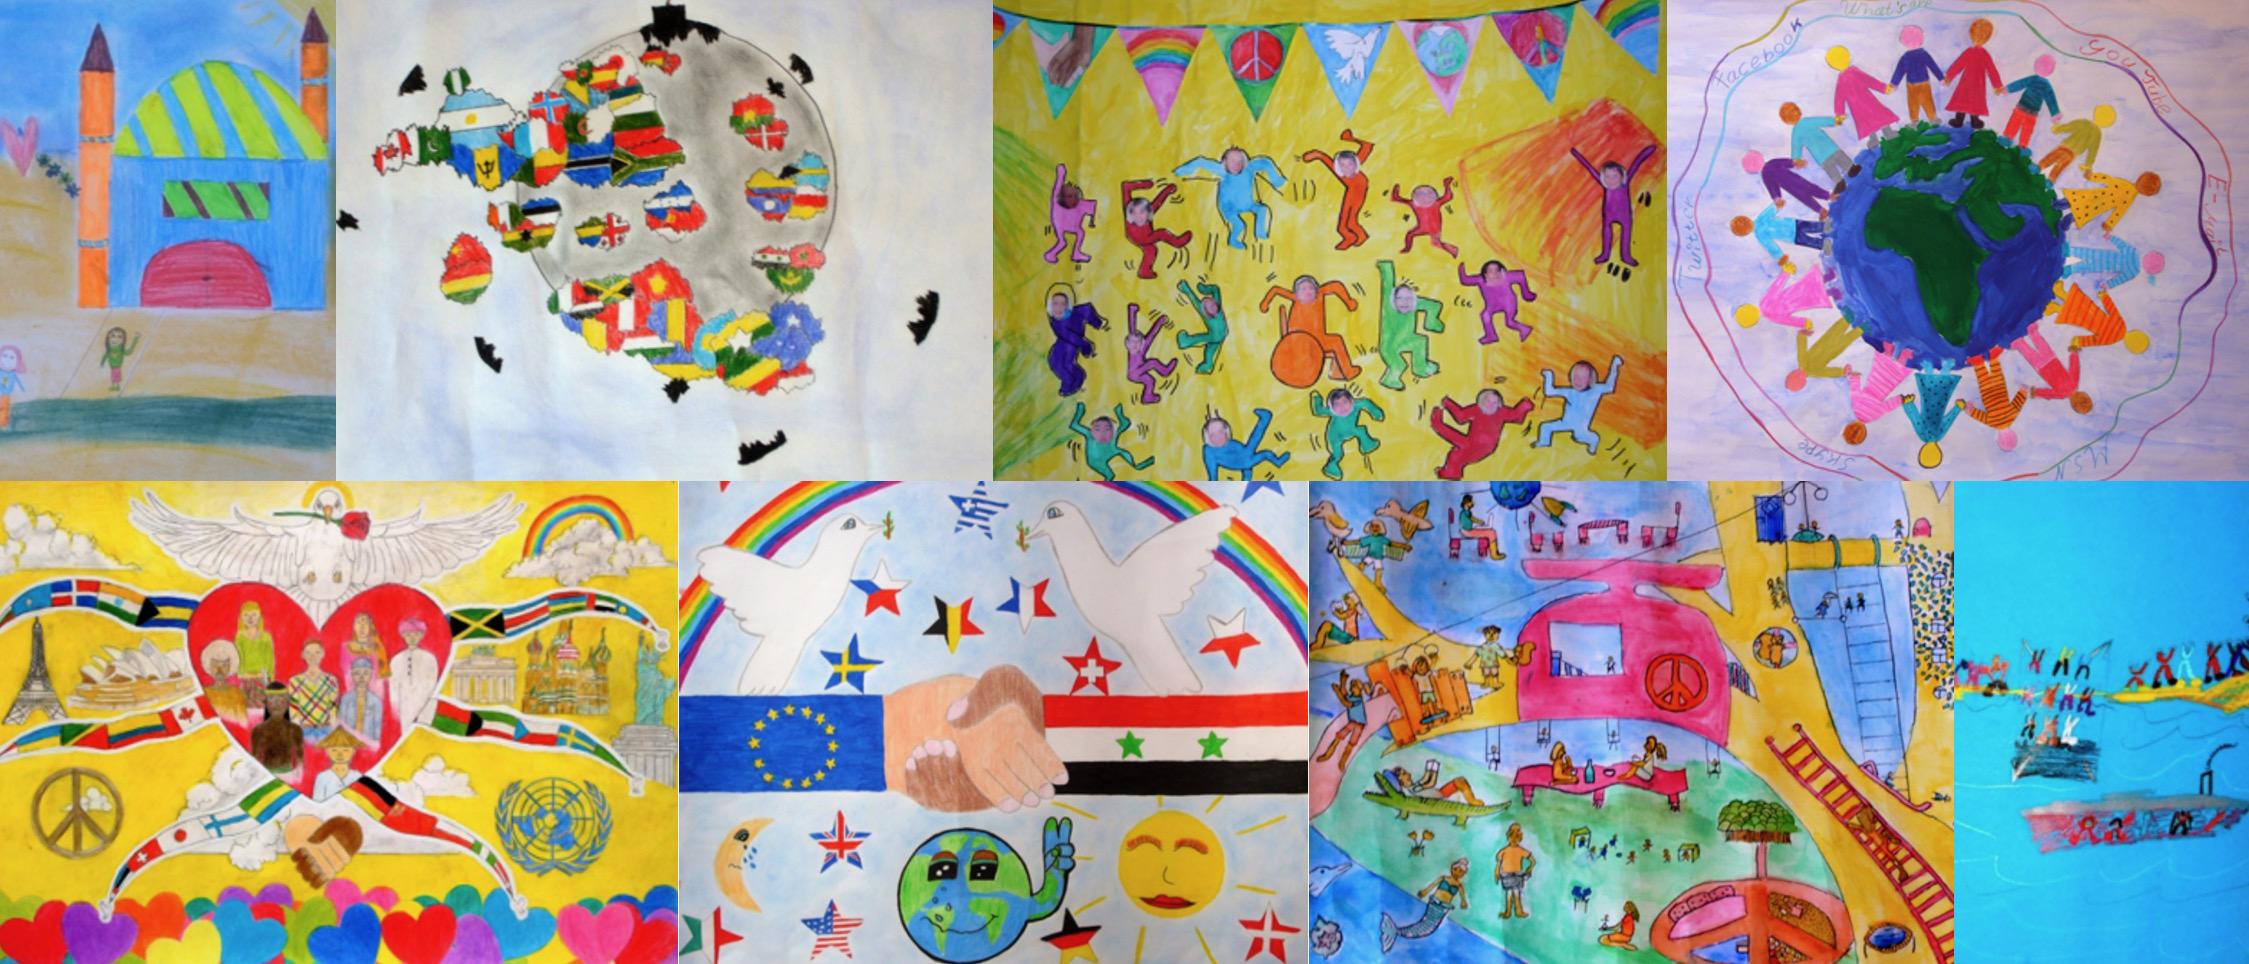 Eine Auswahl handgemalter Bilder, die beim Friedensplakat-Wettbewerb eingereicht wurden